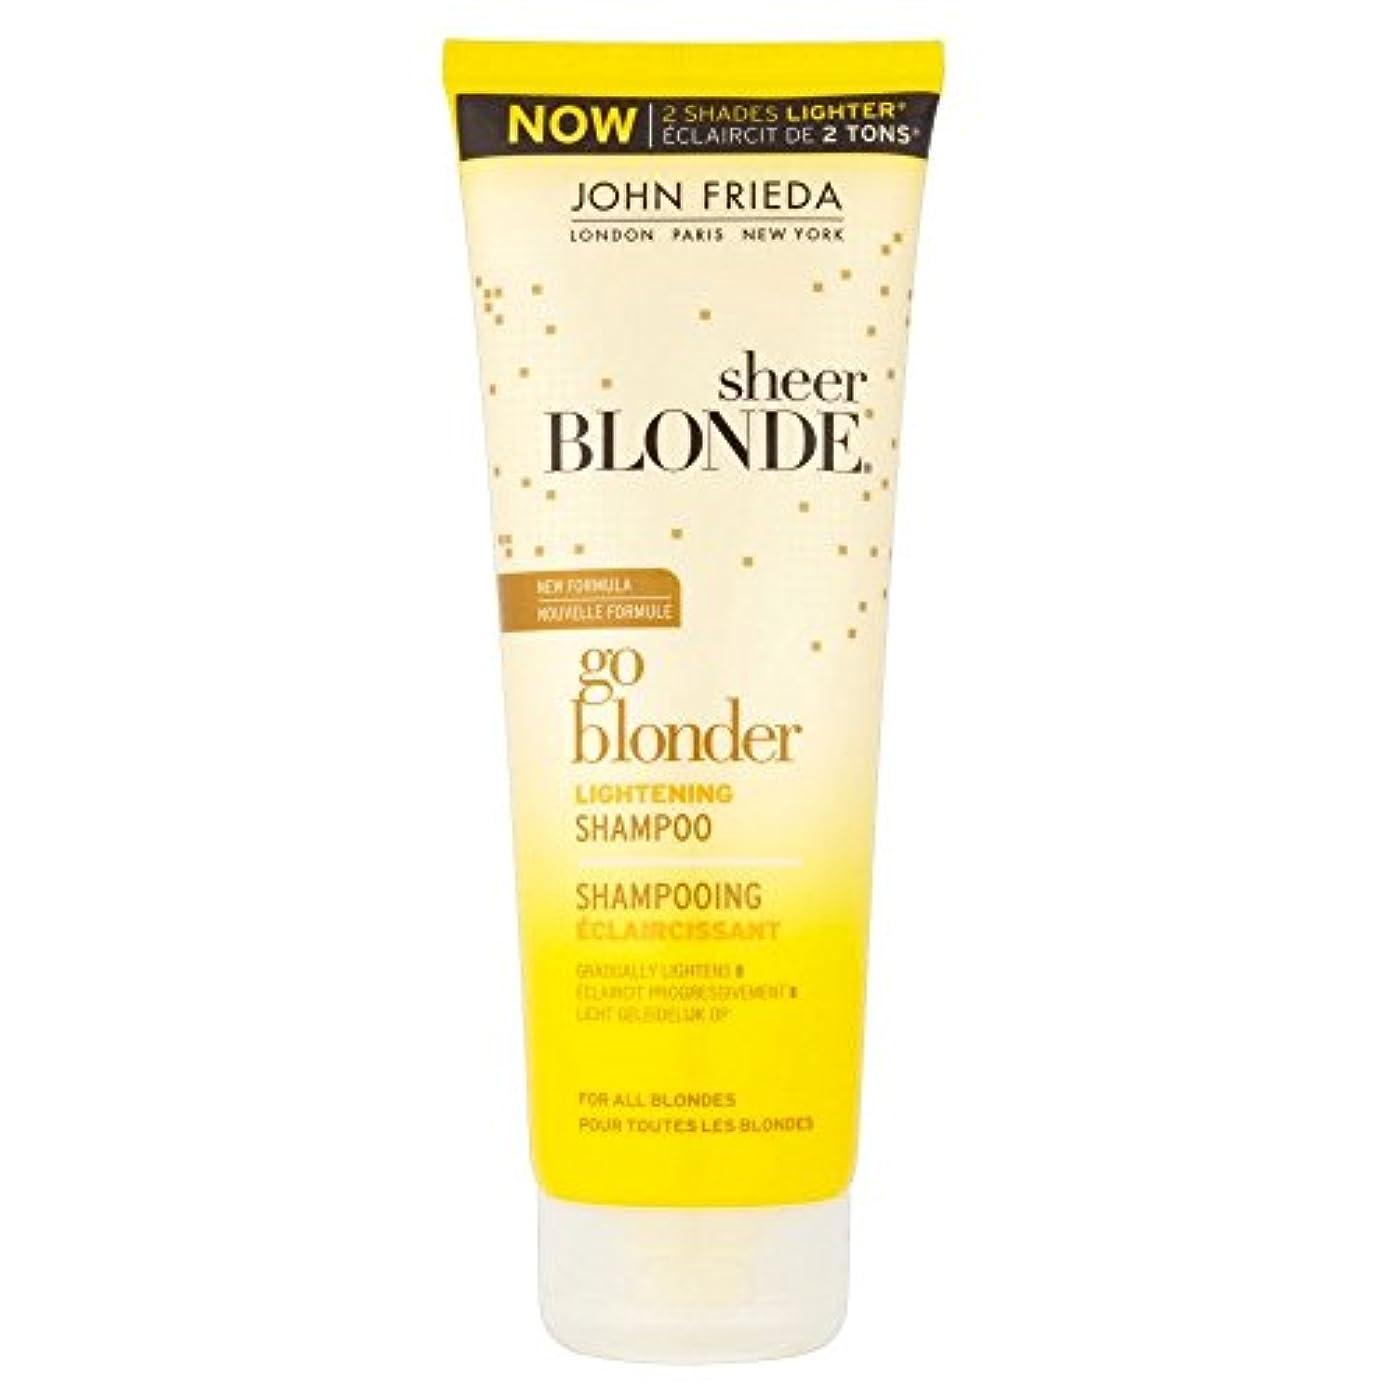 禁止合図エスカレーターJohn Frieda Sheer Blonde Go Blonder Shampoo (250ml) ジョン?フリーダ薄手のブロンド囲碁blonderシャンプー( 250ミリリットル) [並行輸入品]